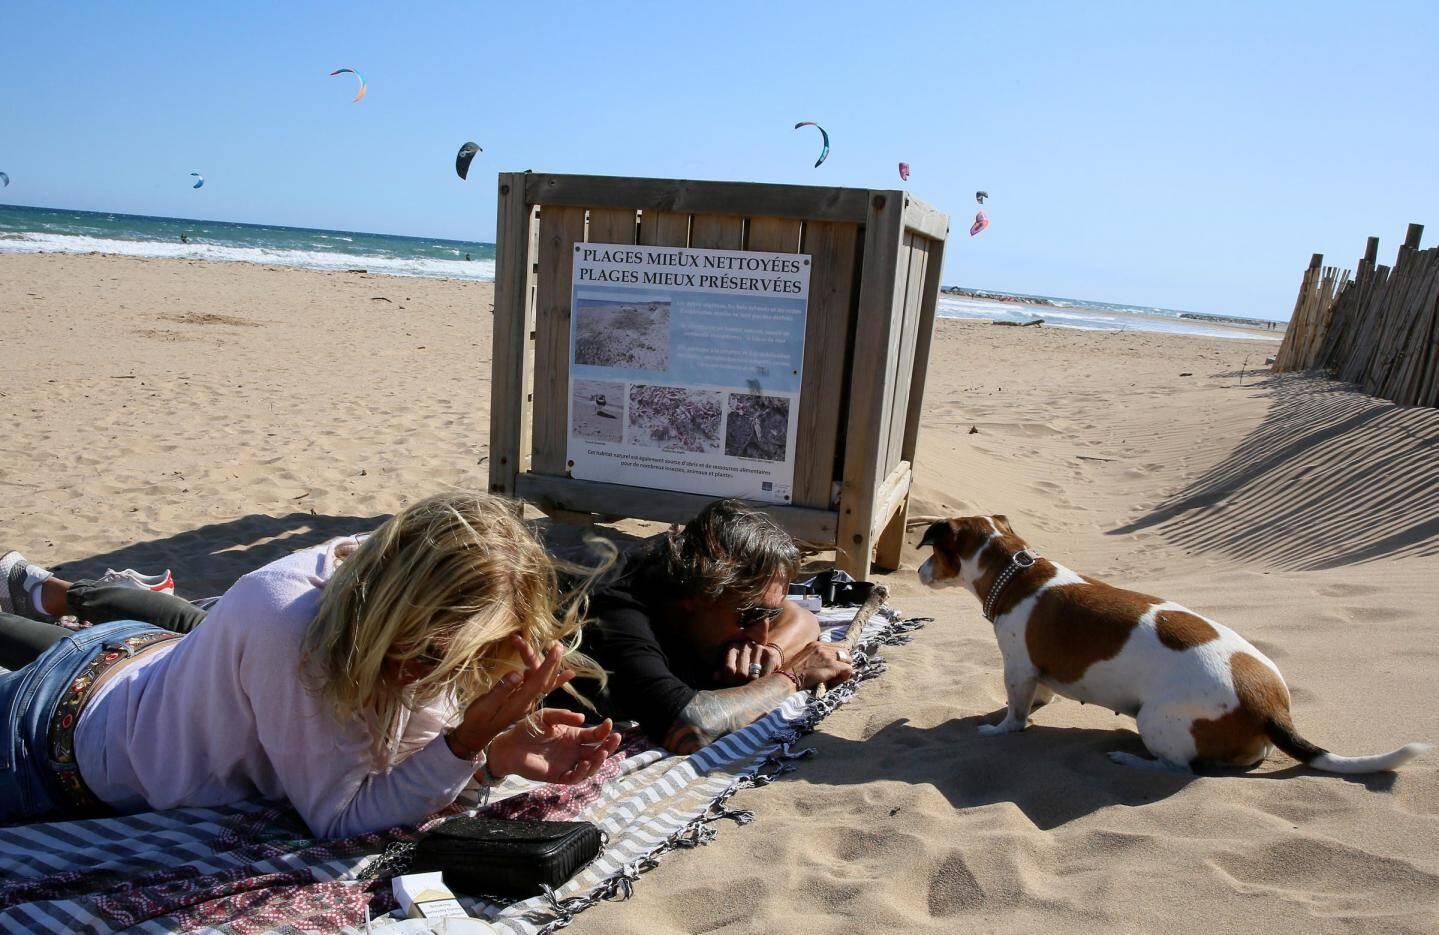 Grâce aux bacs à marée, une plage mieux nettoyée est une plage mieux préservée.